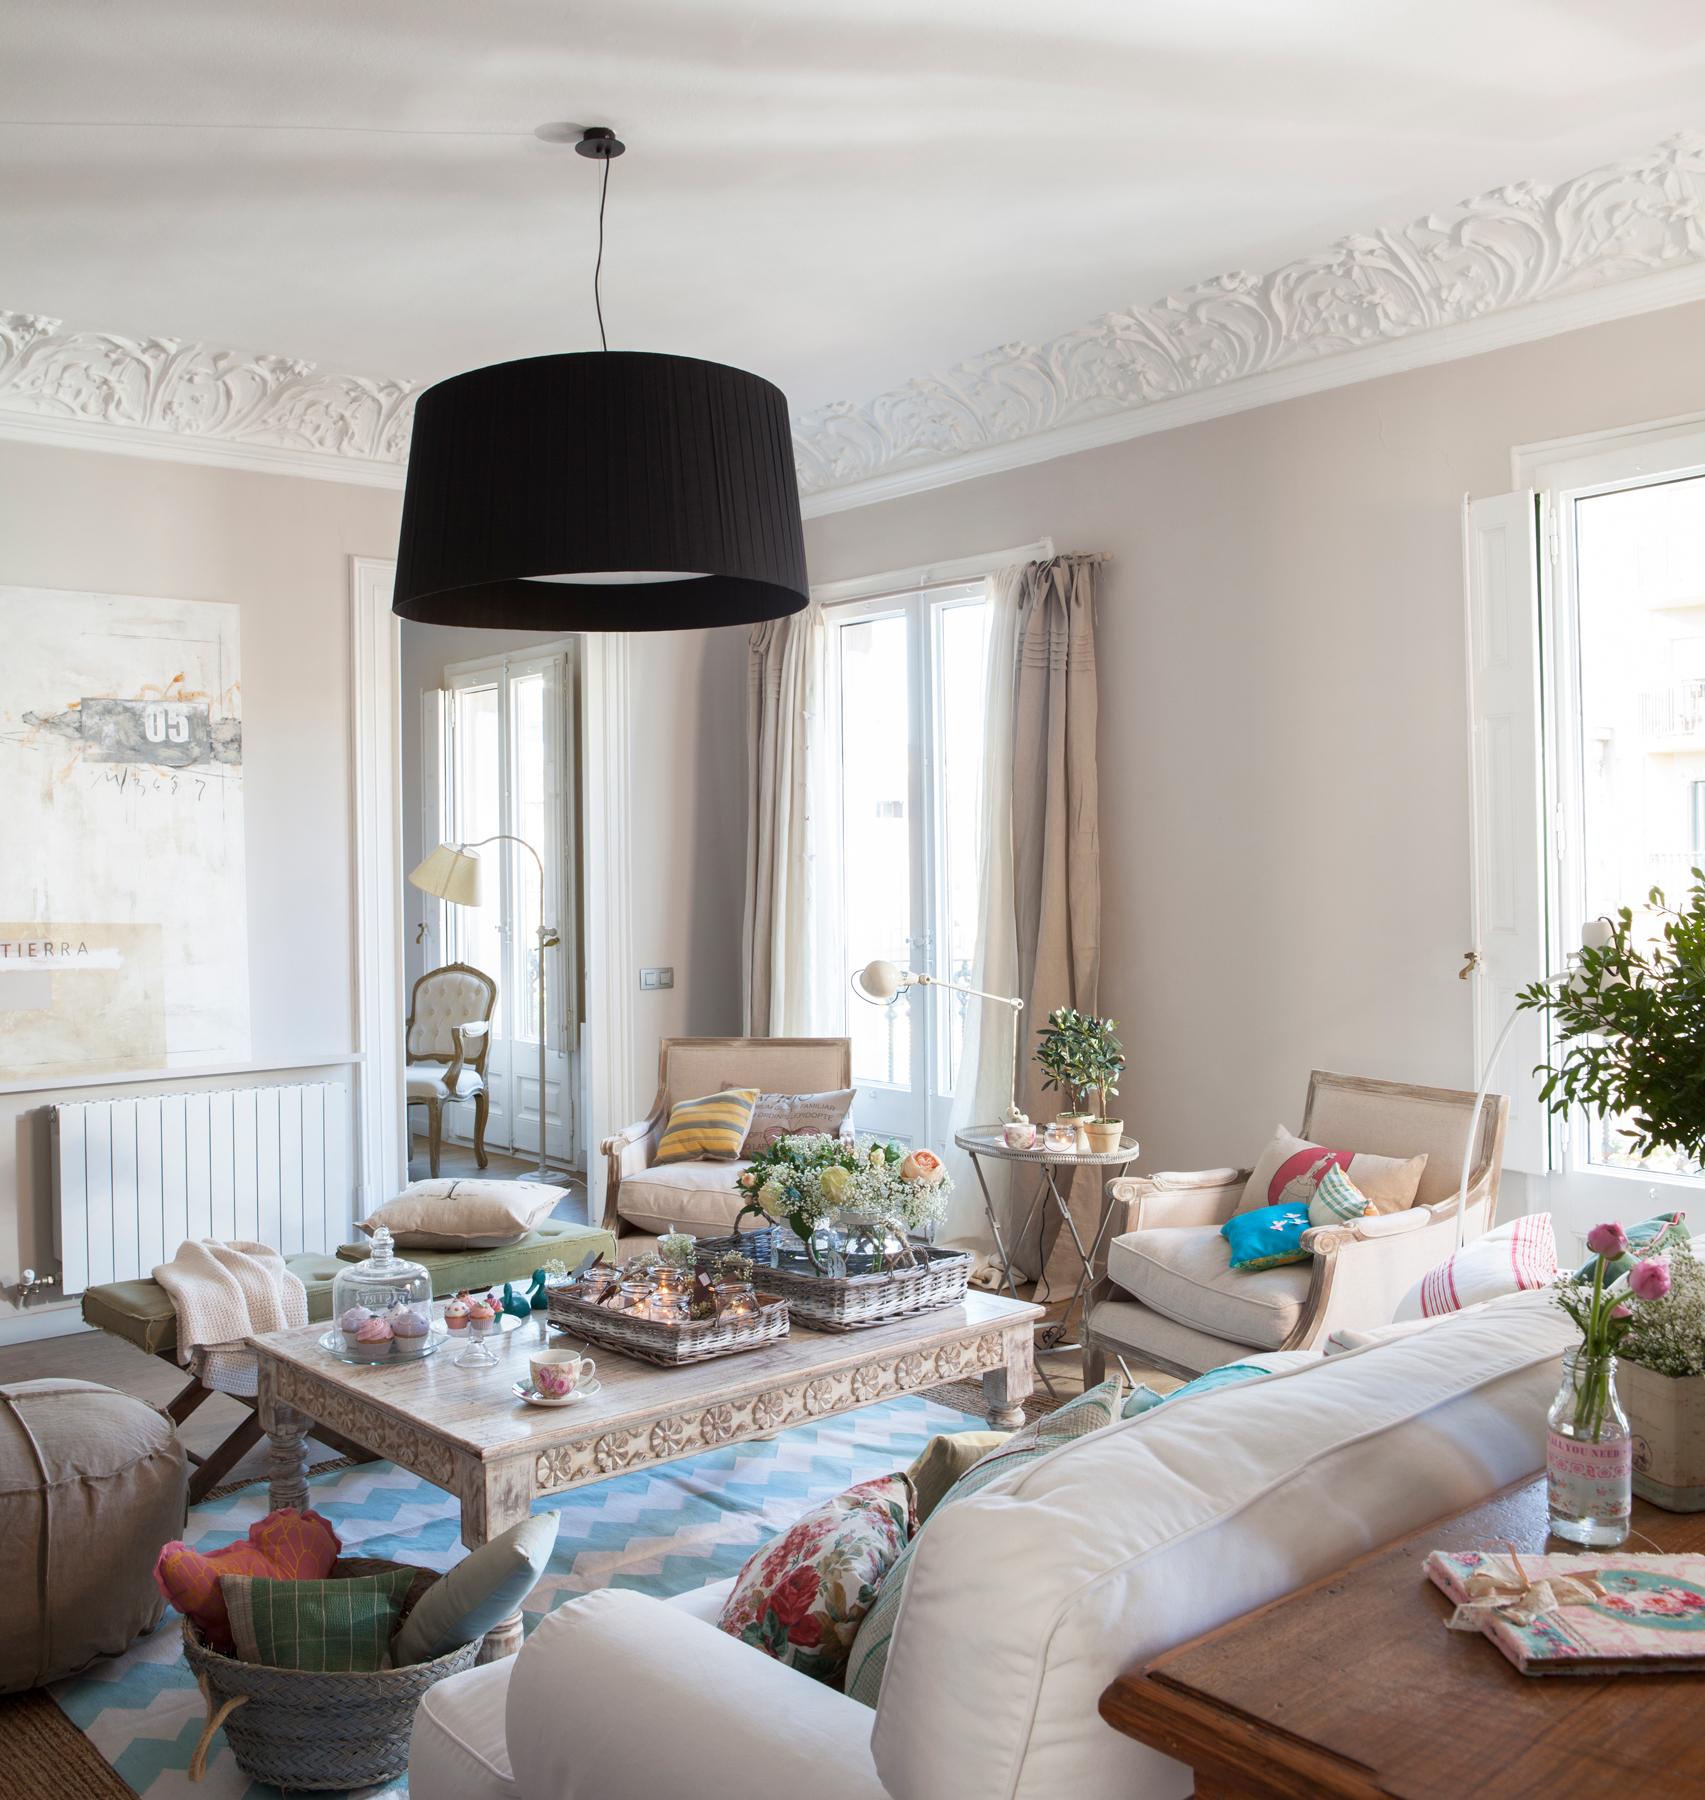 2 00381902 O. Salón con mobiliario en beige de un estilo vintage con detalles en colores más vivos_2 00381902 O